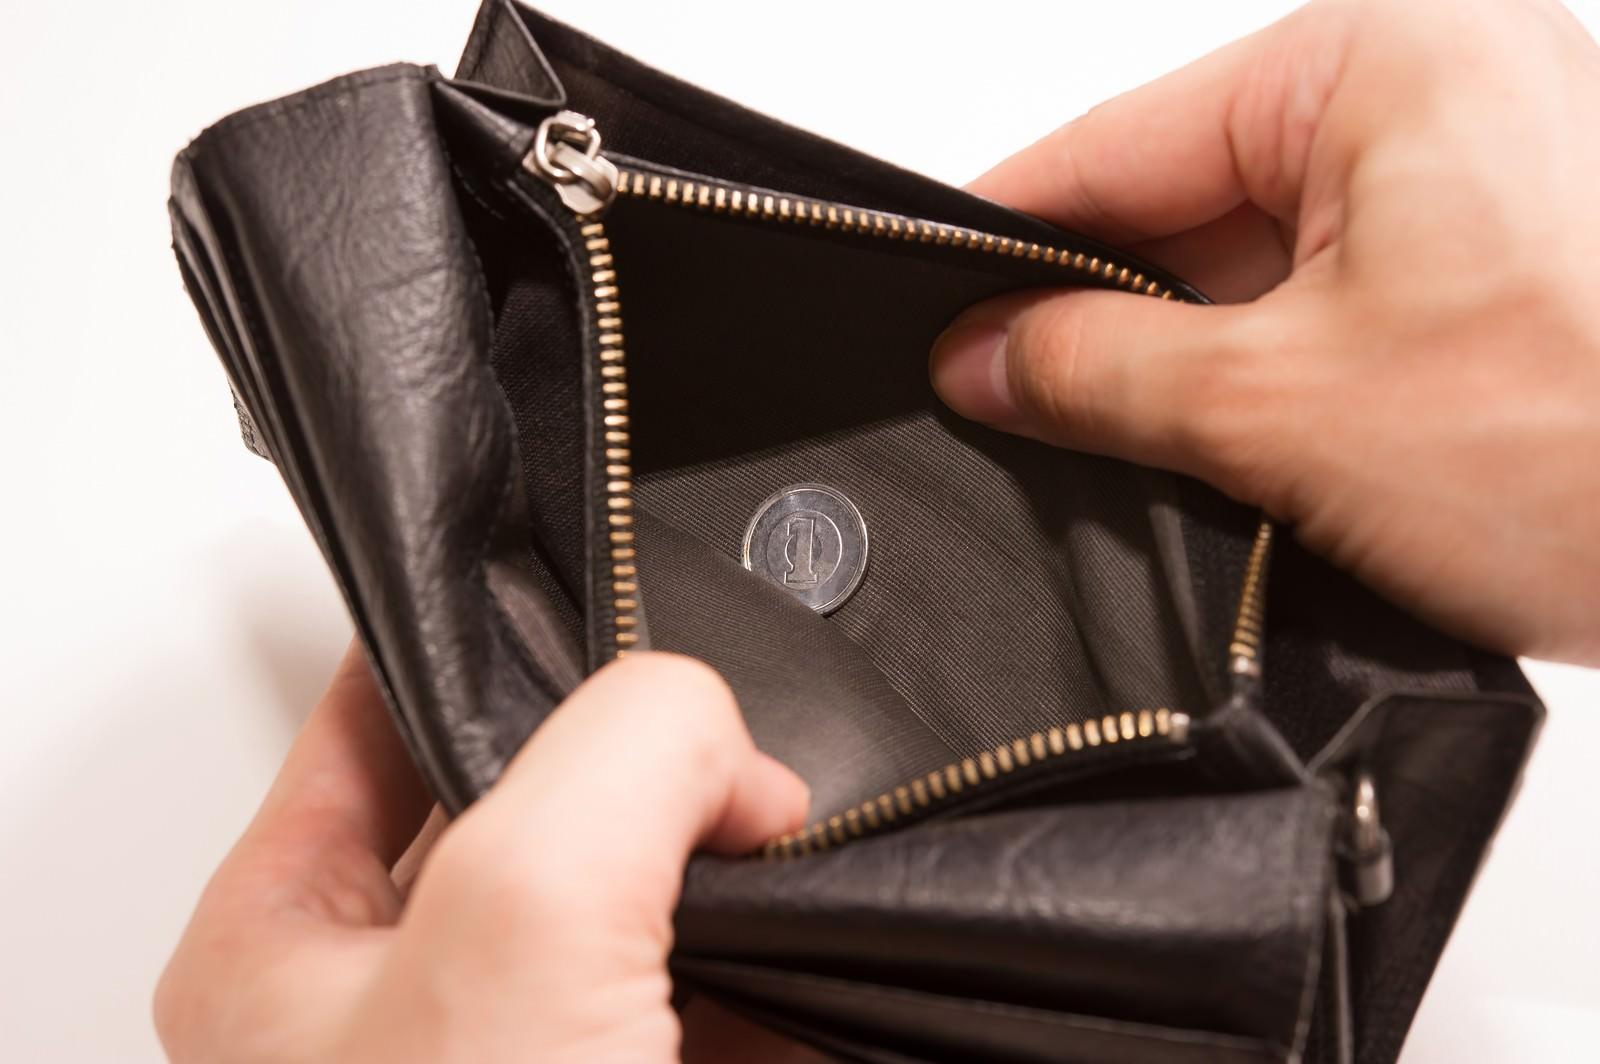 「財布を開けたら1円しか入ってなかった、貧乏が悪いんや・・・財布を開けたら1円しか入ってなかった、貧乏が悪いんや・・・」のフリー写真素材を拡大